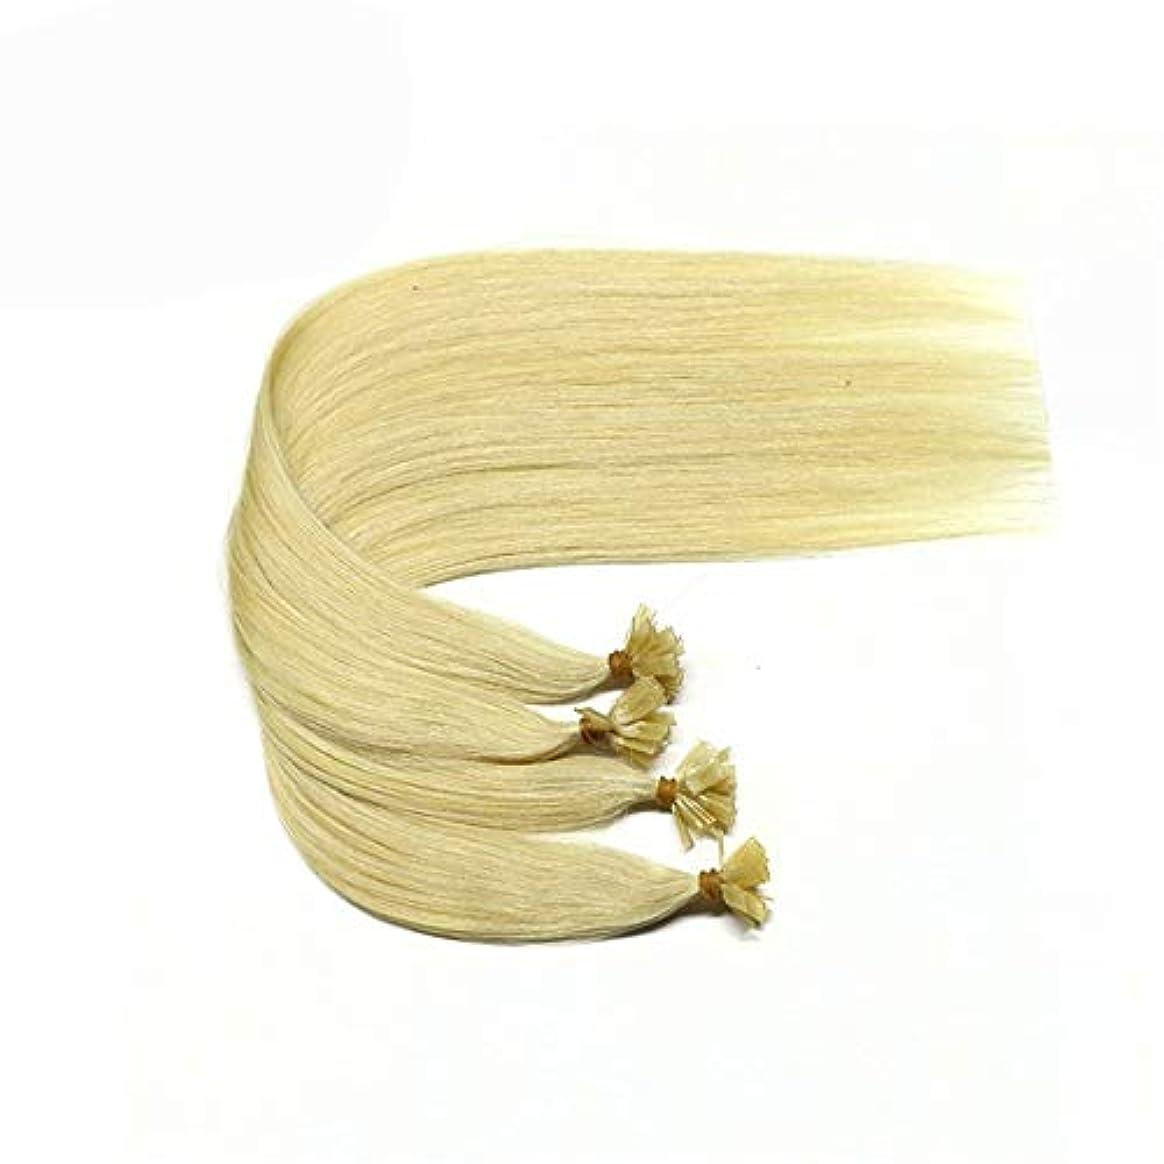 くぼみストリップ悪党WASAIO 女性のためのヘアエクステンションクリップシームレスな髪型の交換前の結合ヒトブロンドの着色マイクロリング (色 : Blonde, サイズ : 16 inch)